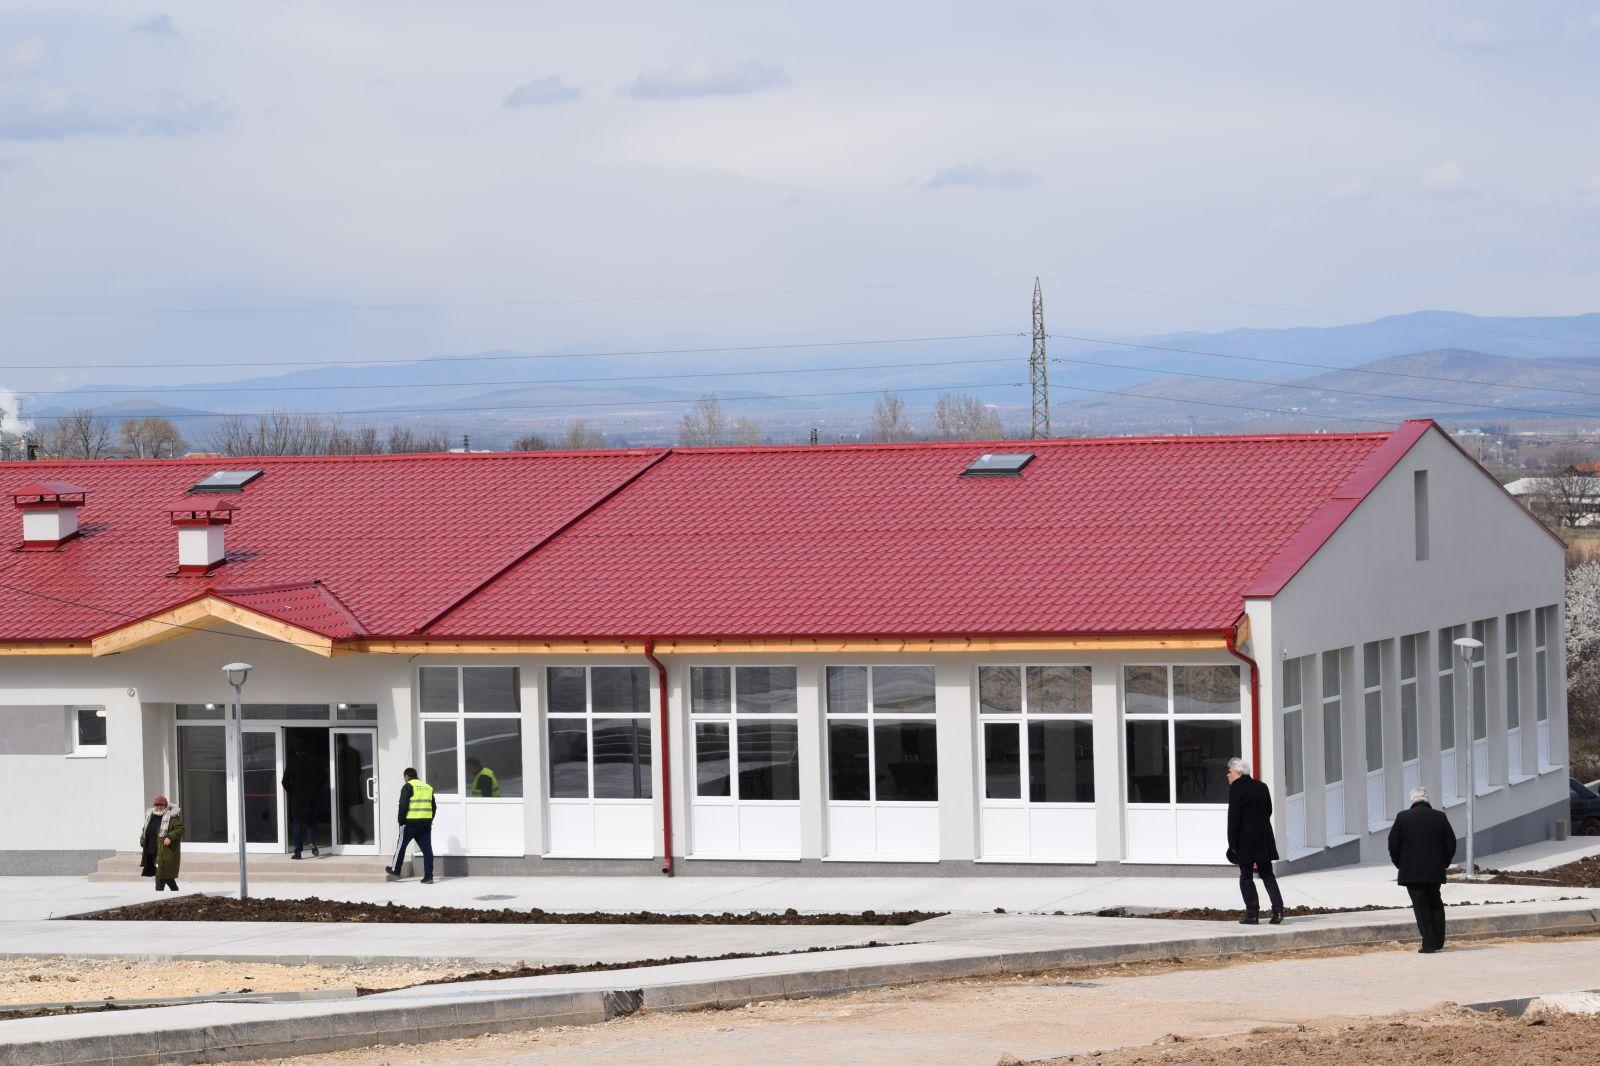 Нов учебно-тренировъчен комплекс на Специалните сили. Част 2 - Новите сгради и съоръжения (СПЕЦИАЛНА ГАЛЕРИЯ)